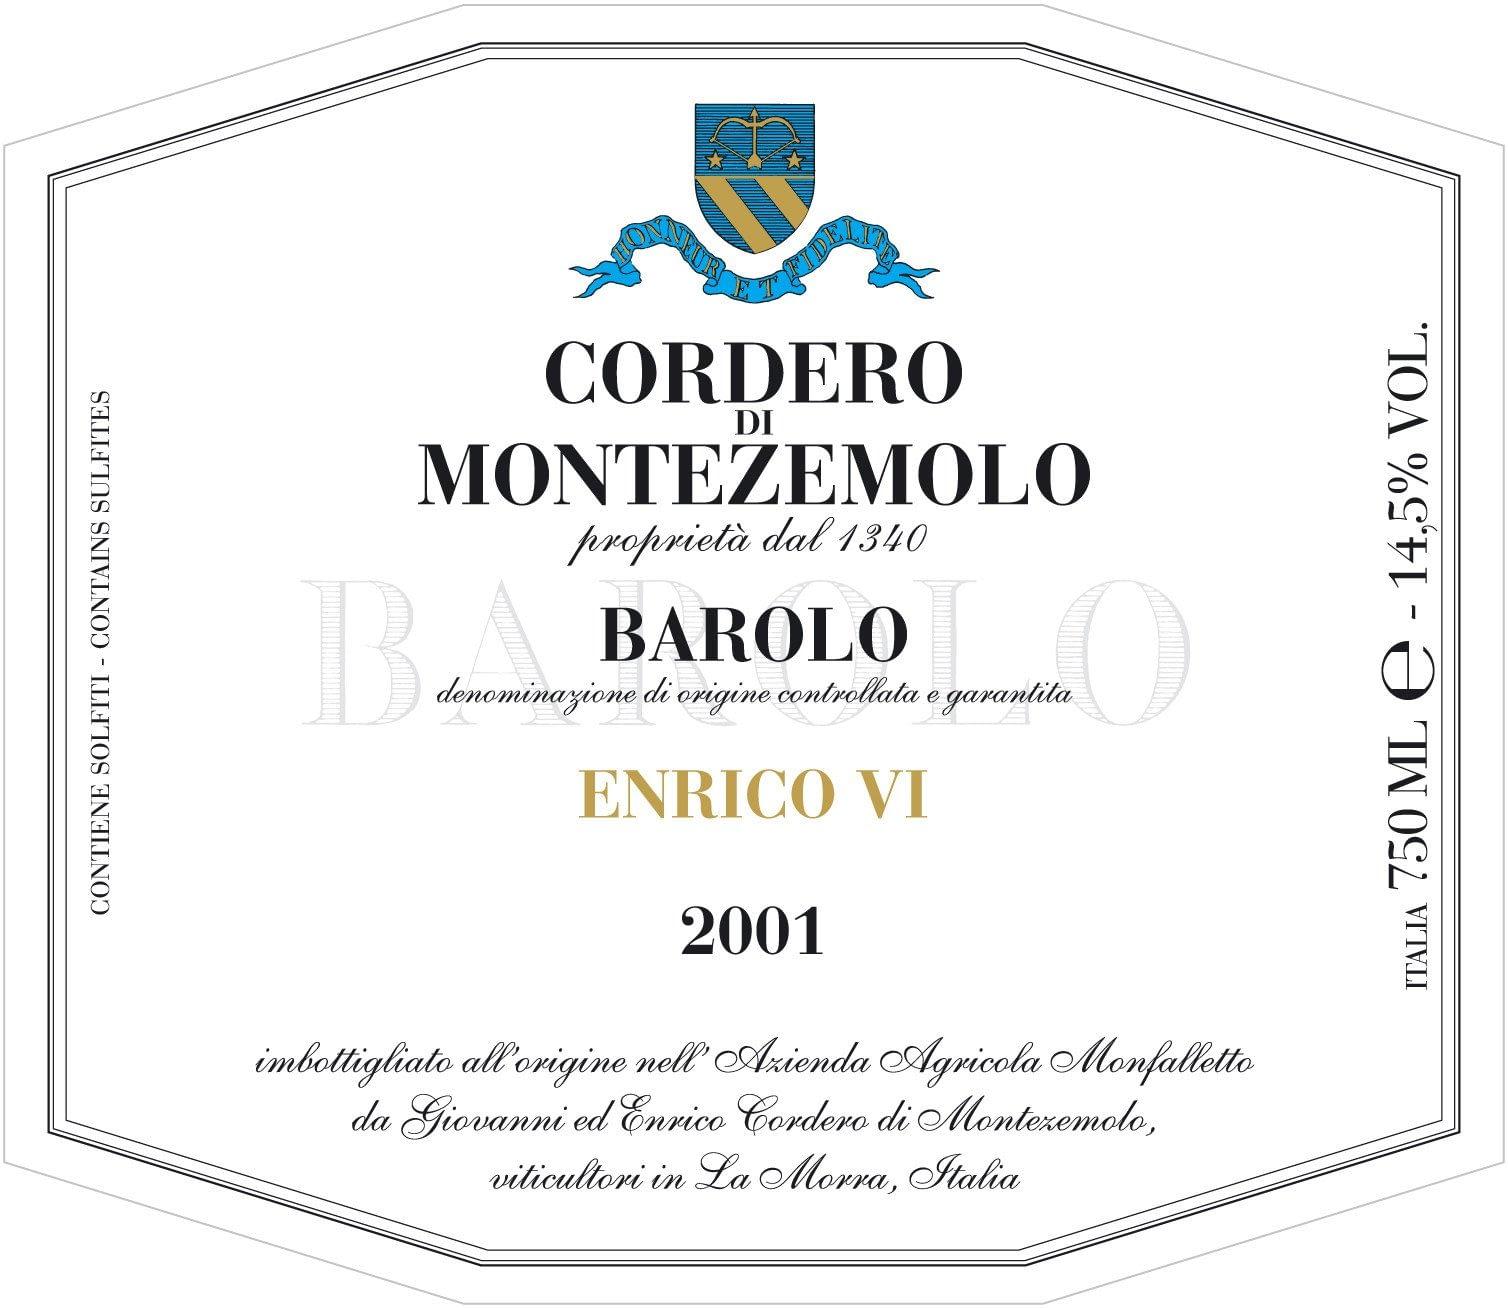 Cordero Barolo Enrico VI Jeroboam 2016